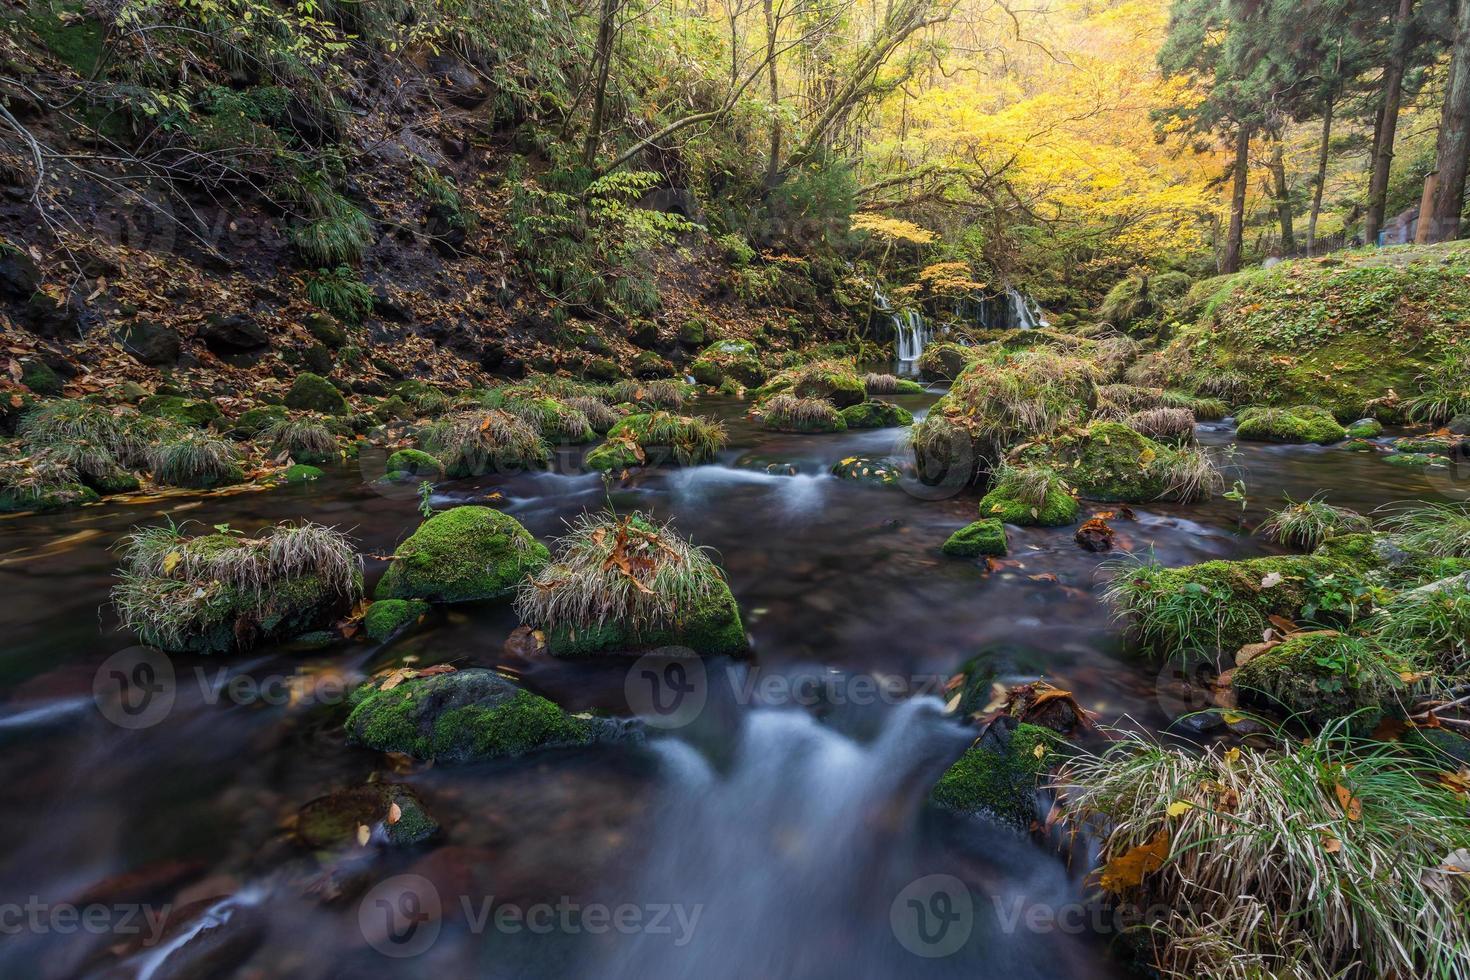 vackert vattenfall i skog, höstlandskap foto